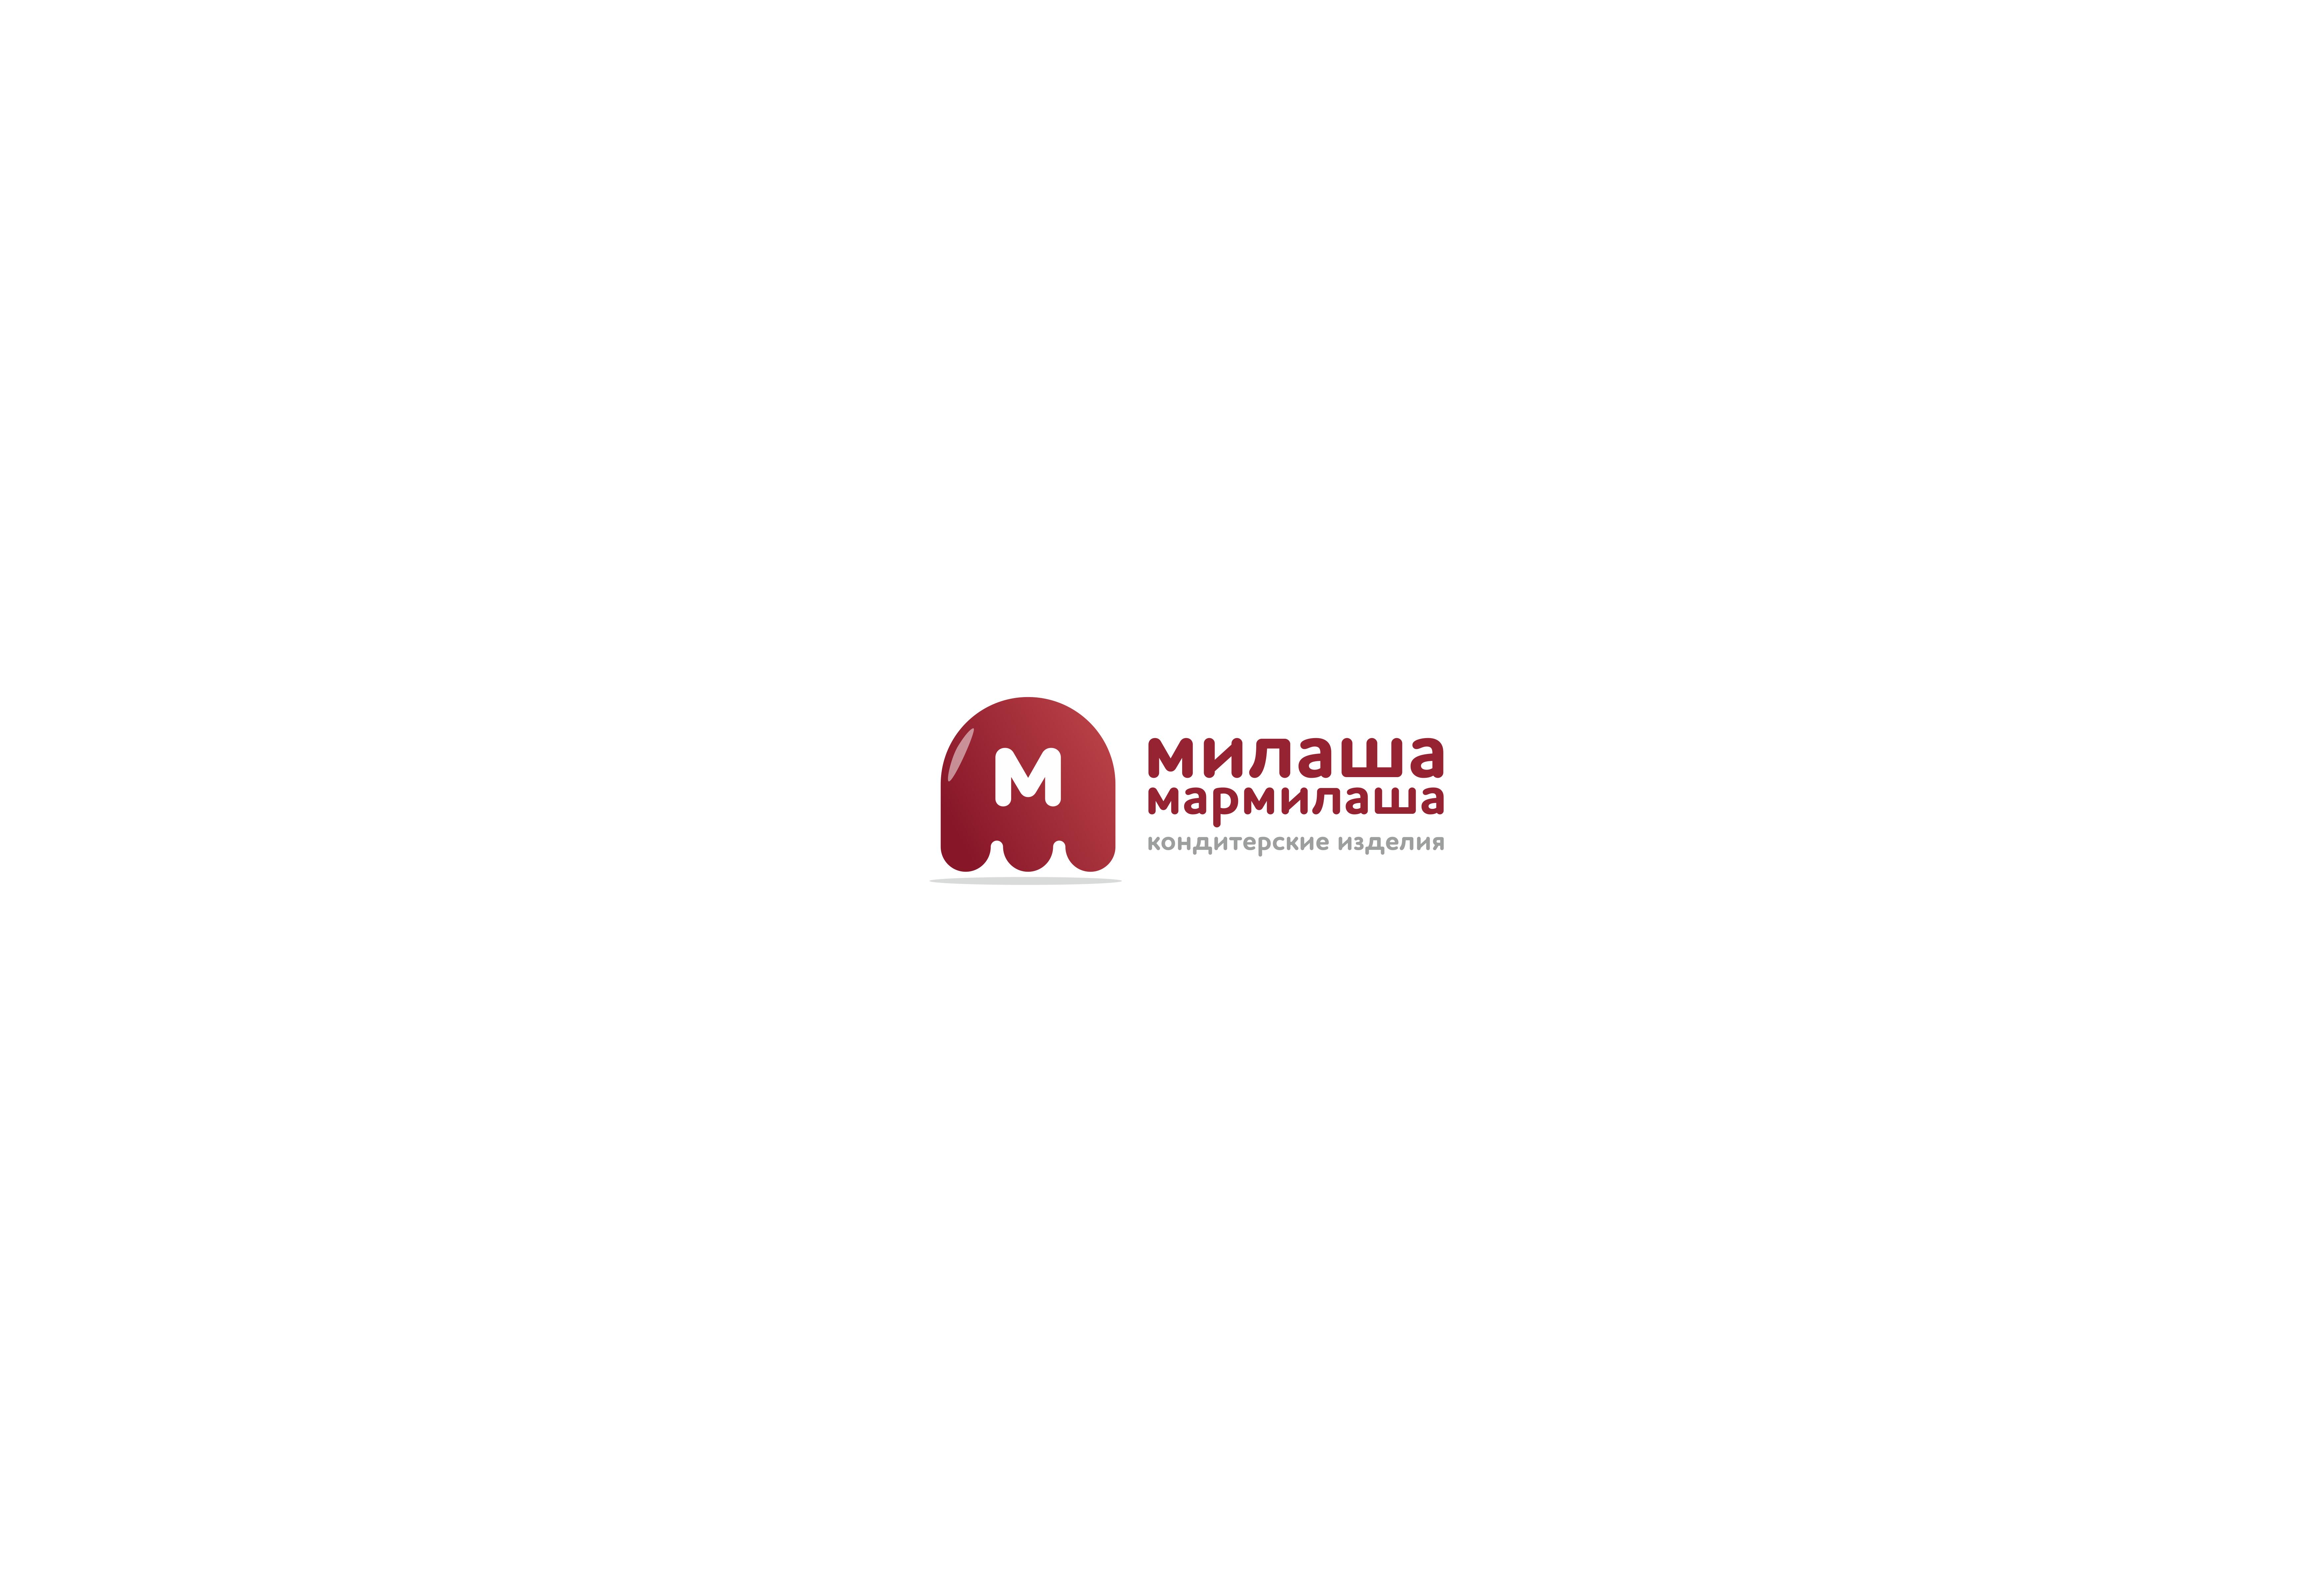 """Логотип для товарного знака """"Милаша-Мармилаша"""" фото f_115587a12bc6ba88.png"""